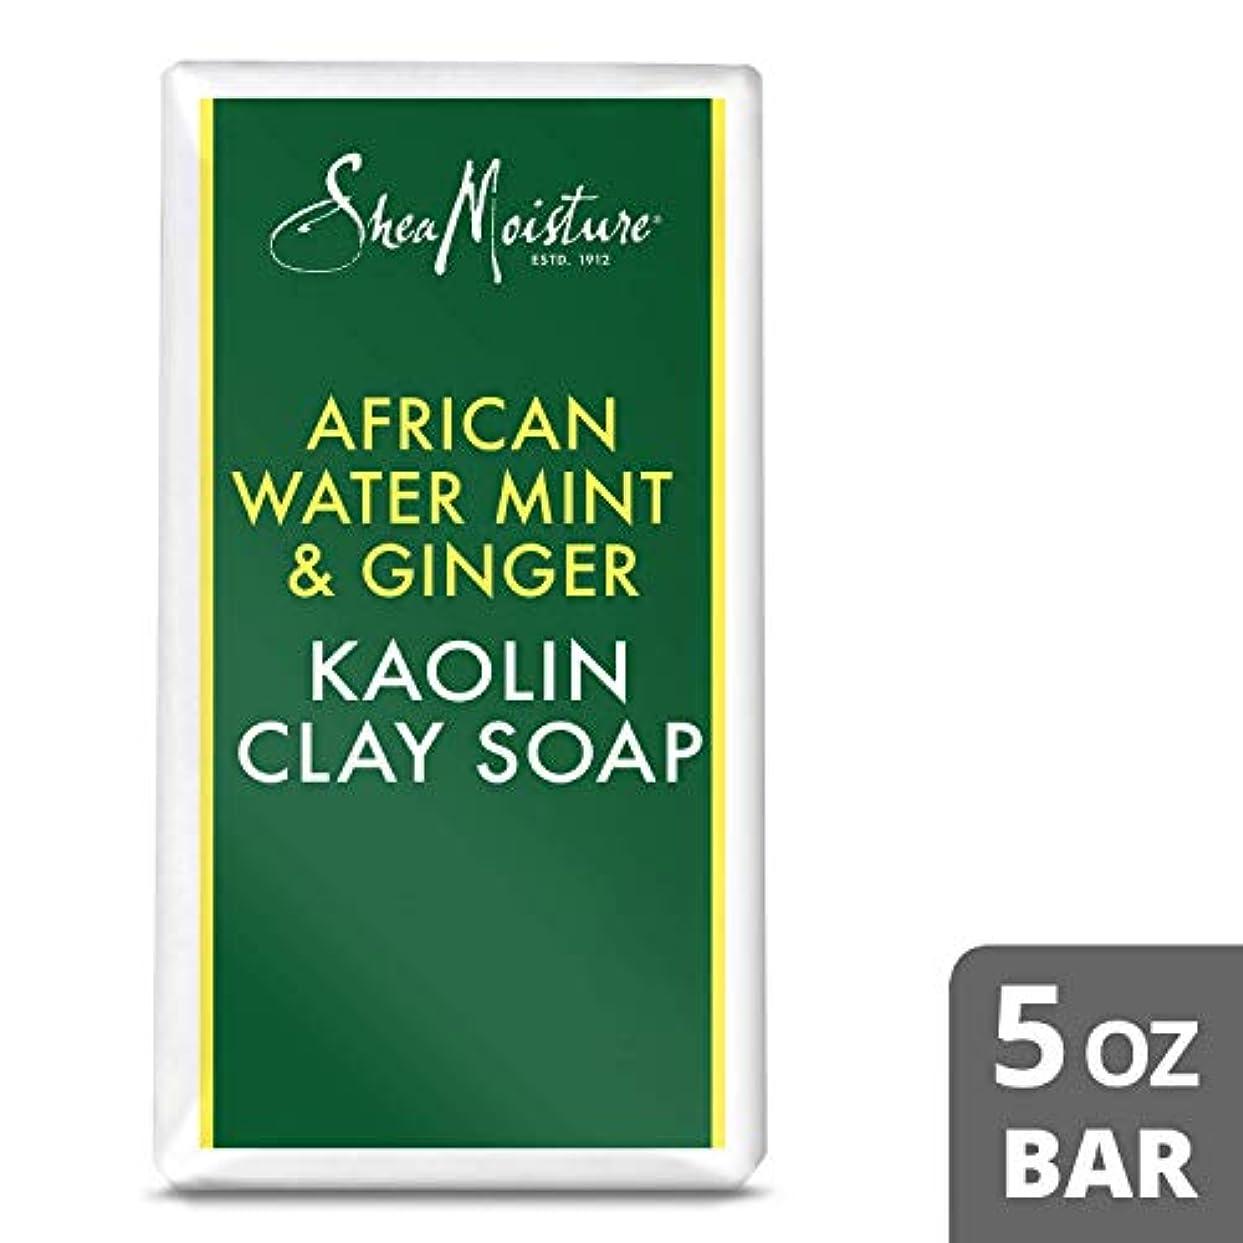 マット古い元気なAfrican Water Mint and Ginger Kaolin Clay Soap